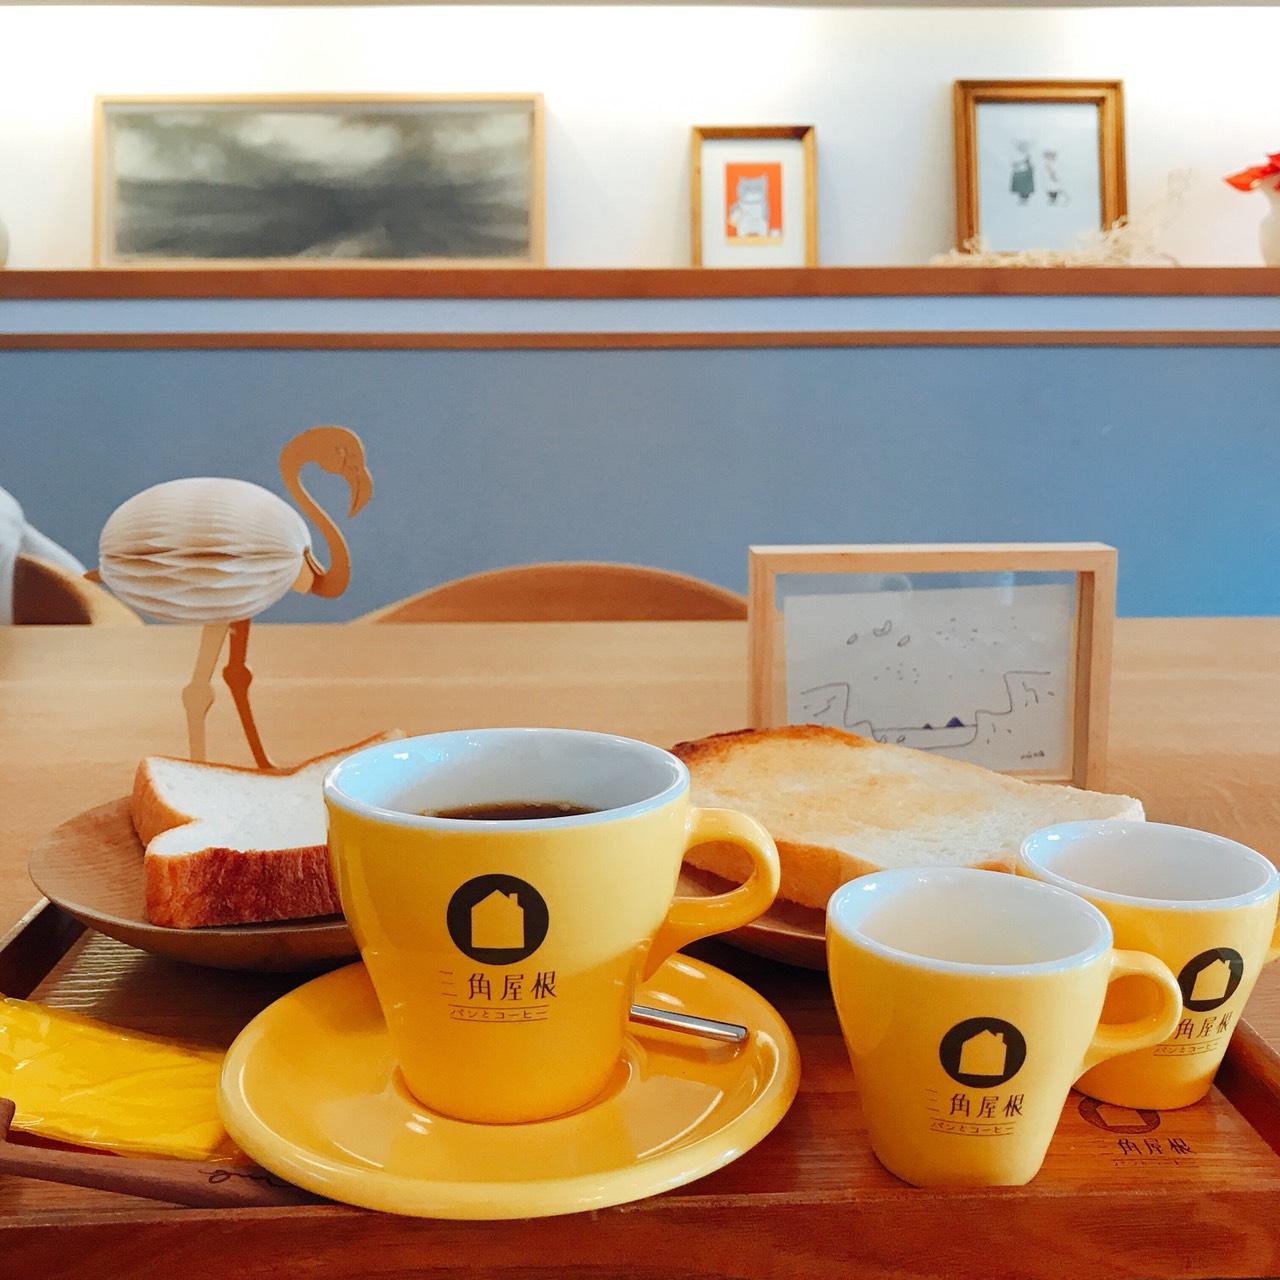 三角屋根のパンとコーヒー